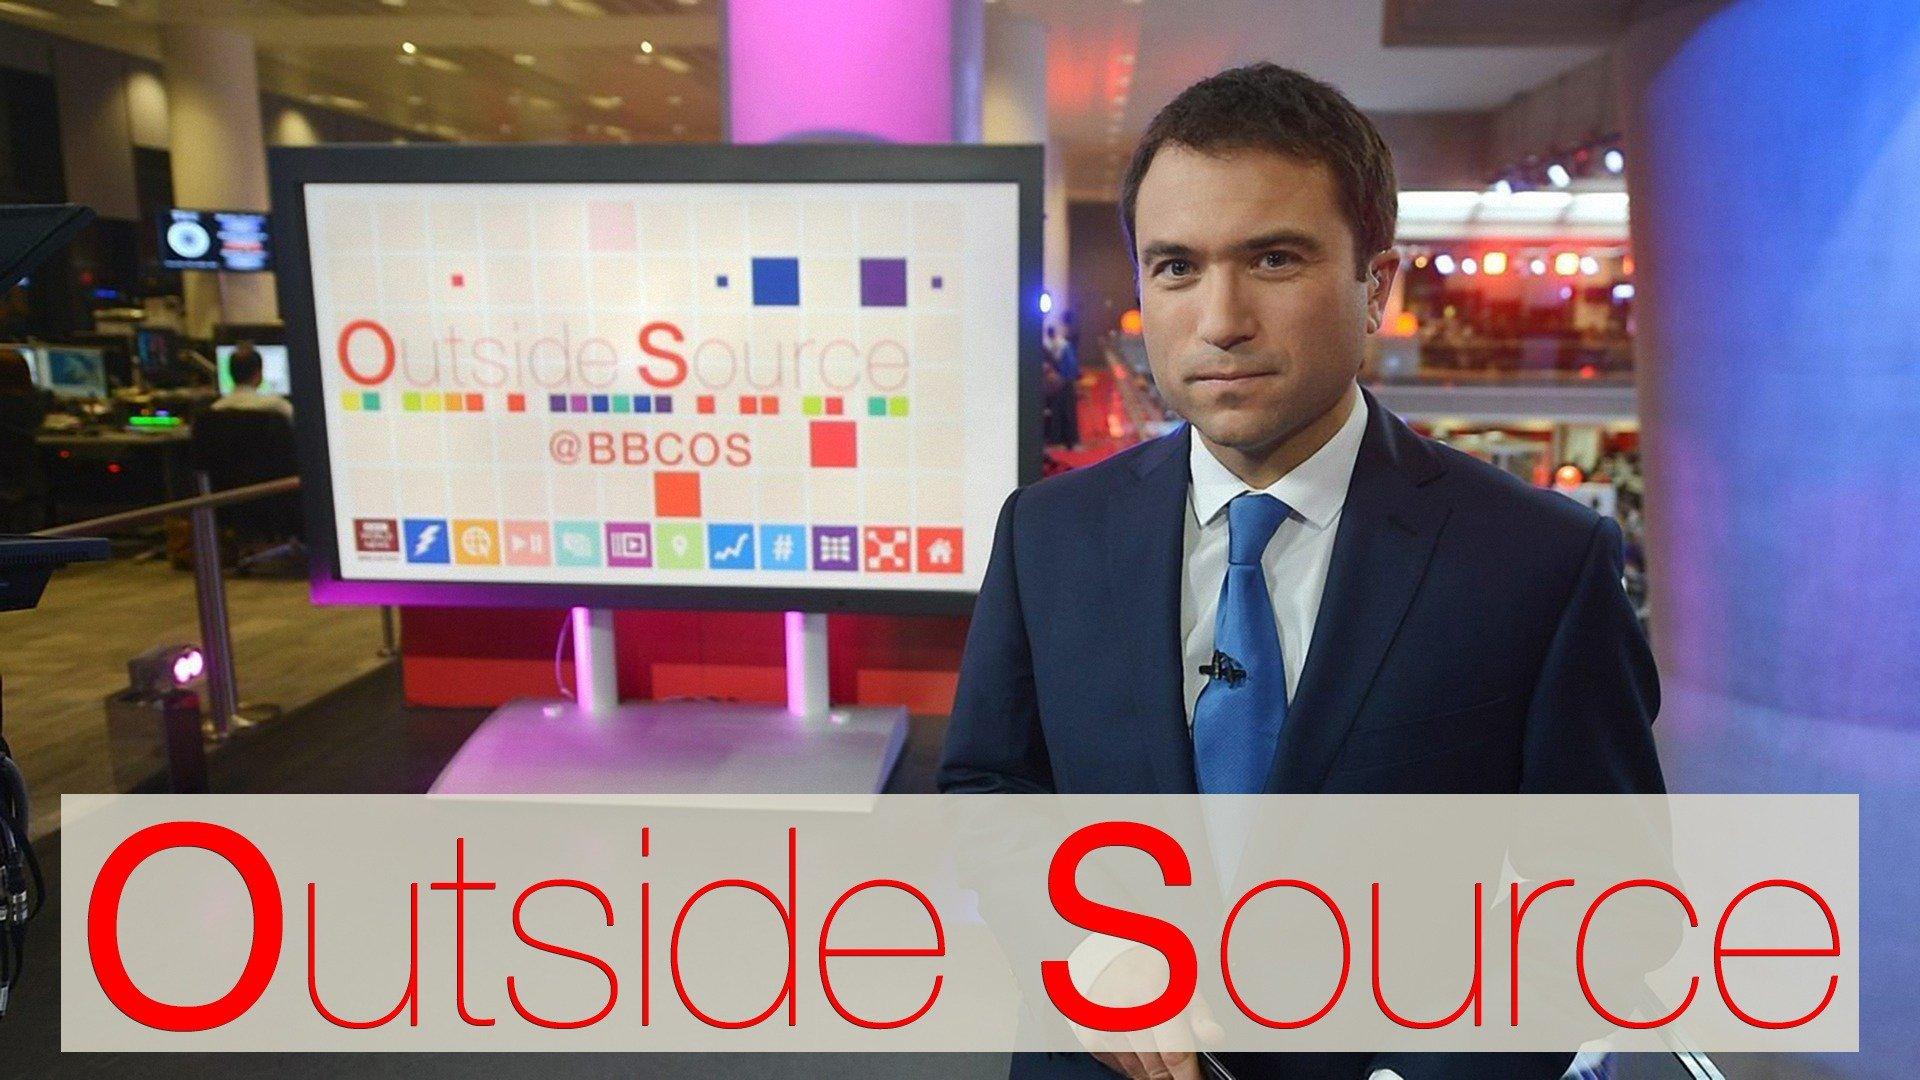 Outside Source